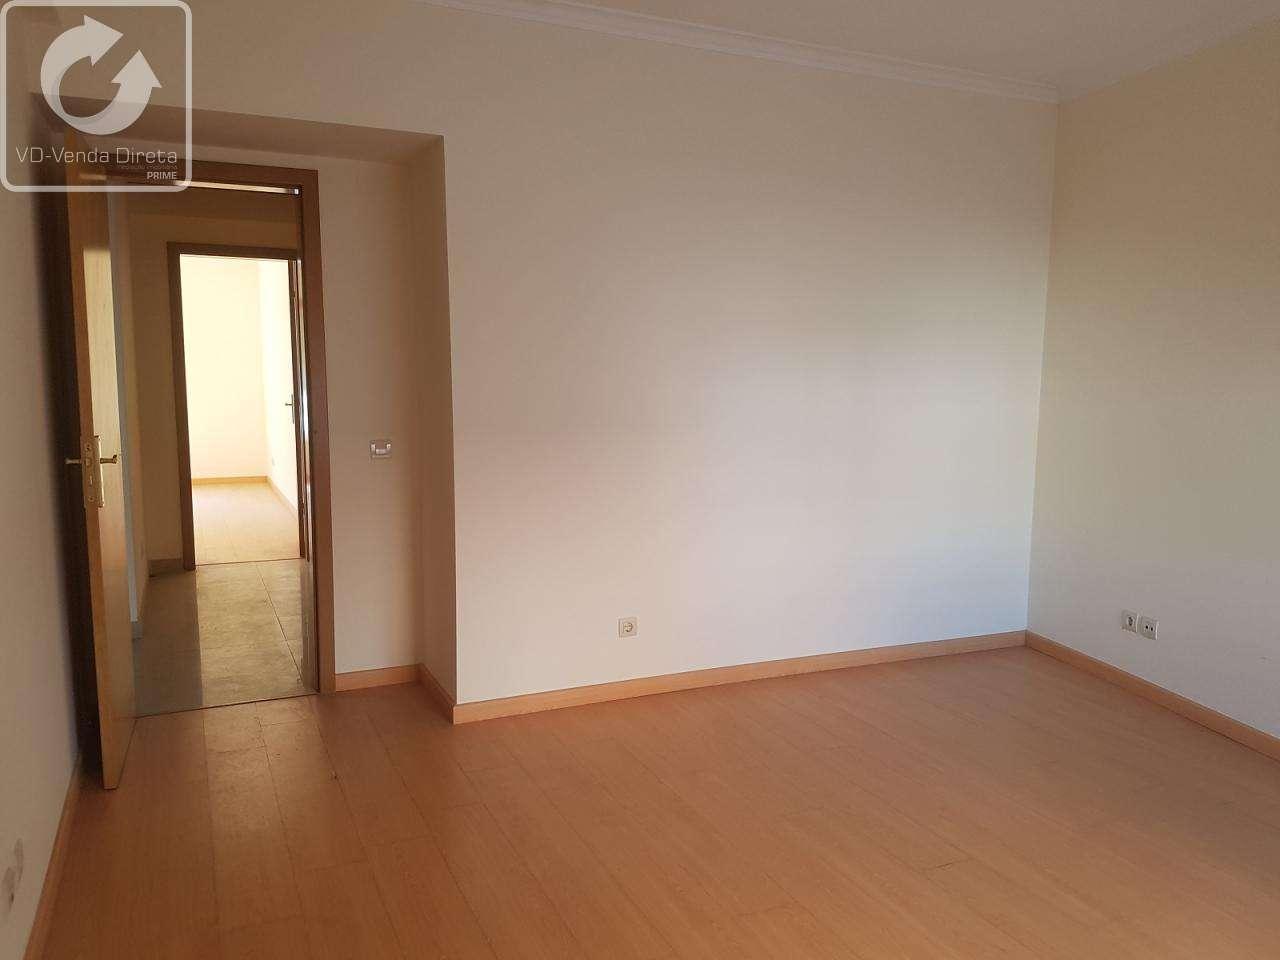 Apartamento para comprar, Pinhal Novo, Setúbal - Foto 25